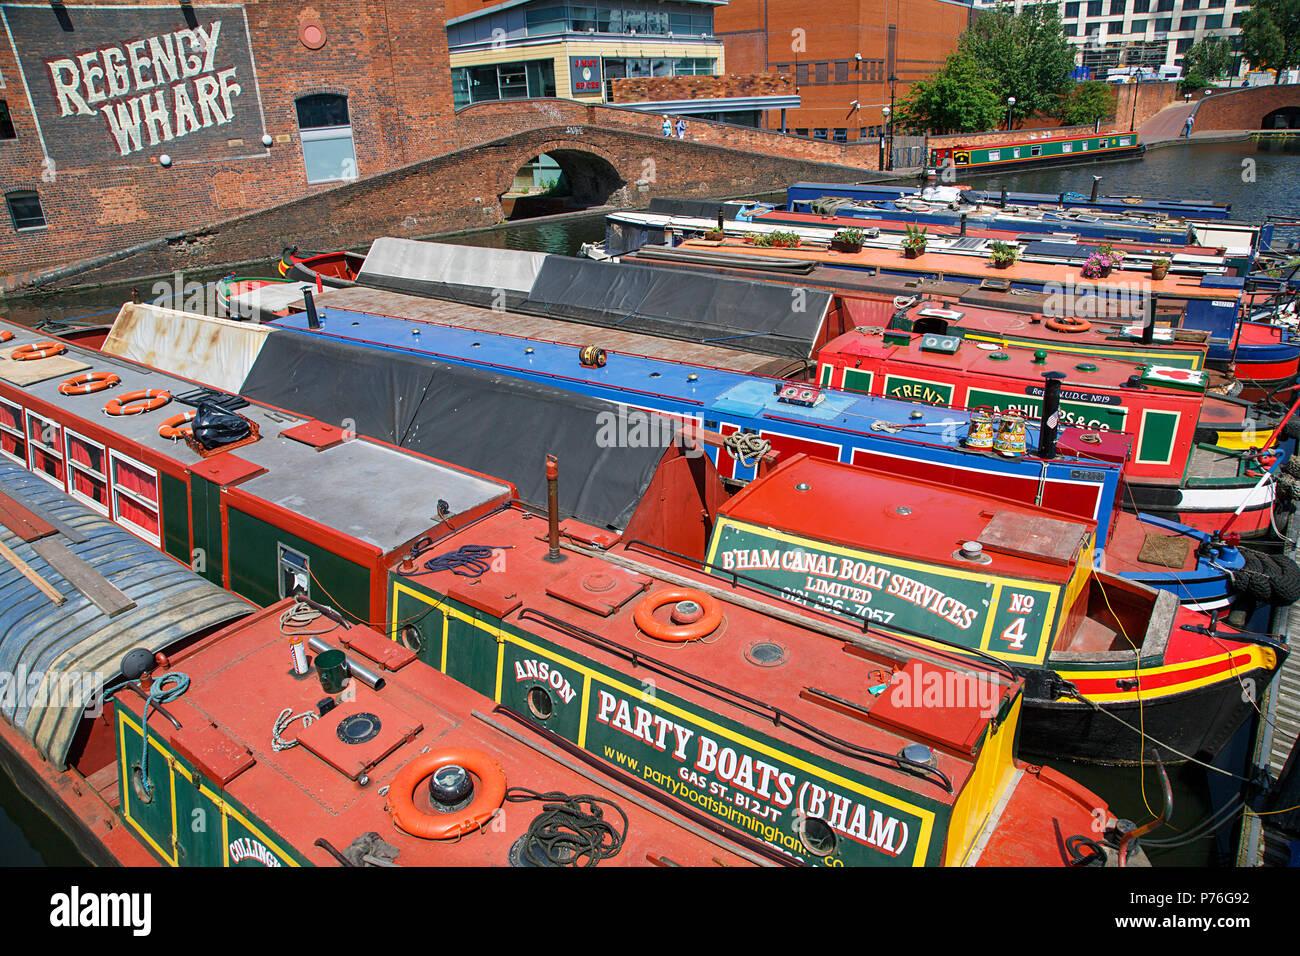 Birmingham, UK: 29 Juin 2018: Regency Wharf au gaz naturel du bassin de la rue. Le système de canal restaurées à Birmingham central est un monument du patrimoine national. Photo Stock